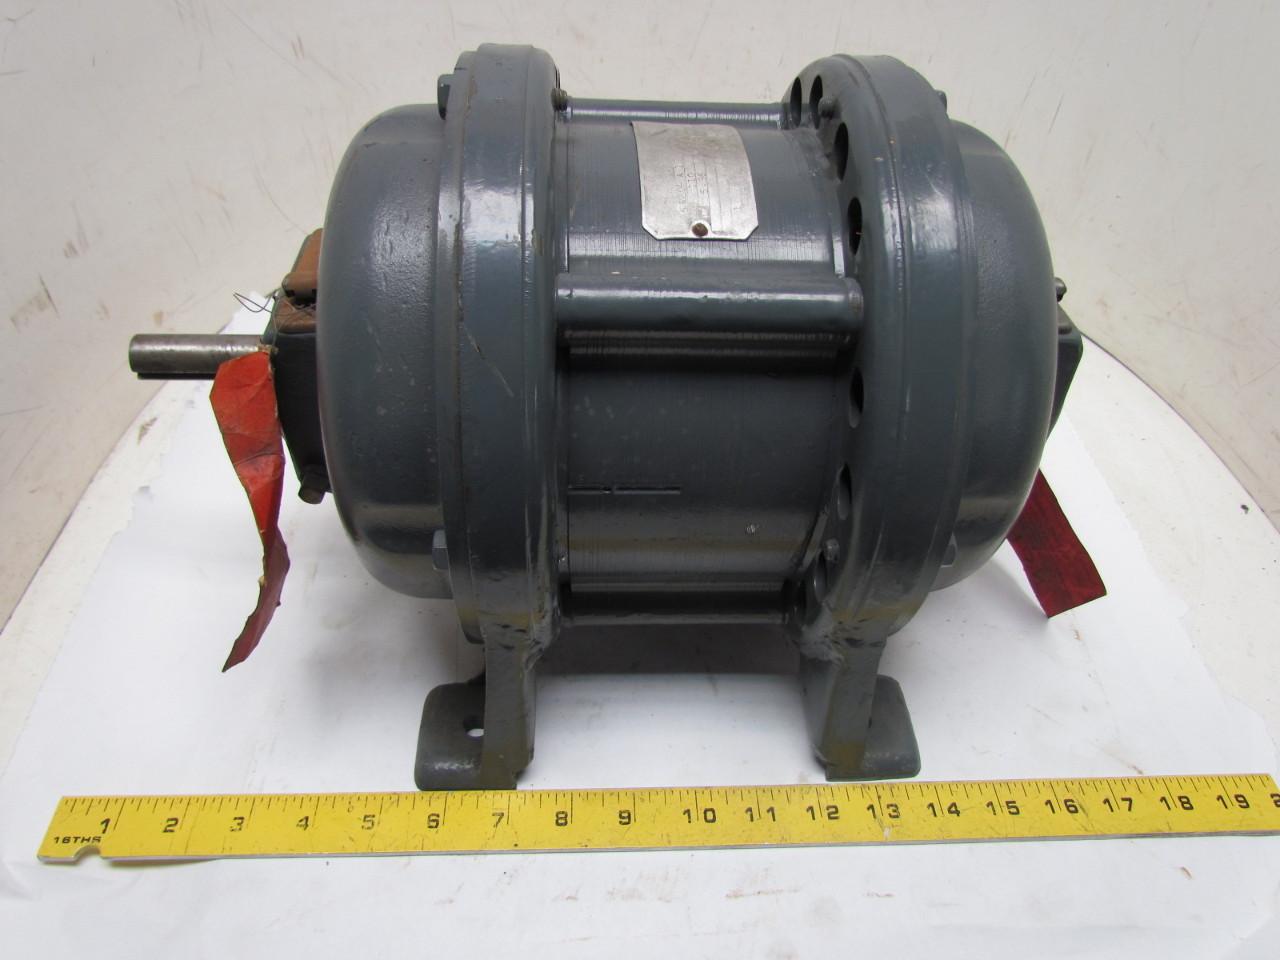 General Electric 5k204a1 3ph 1hp 110v Vintage Motor 1720